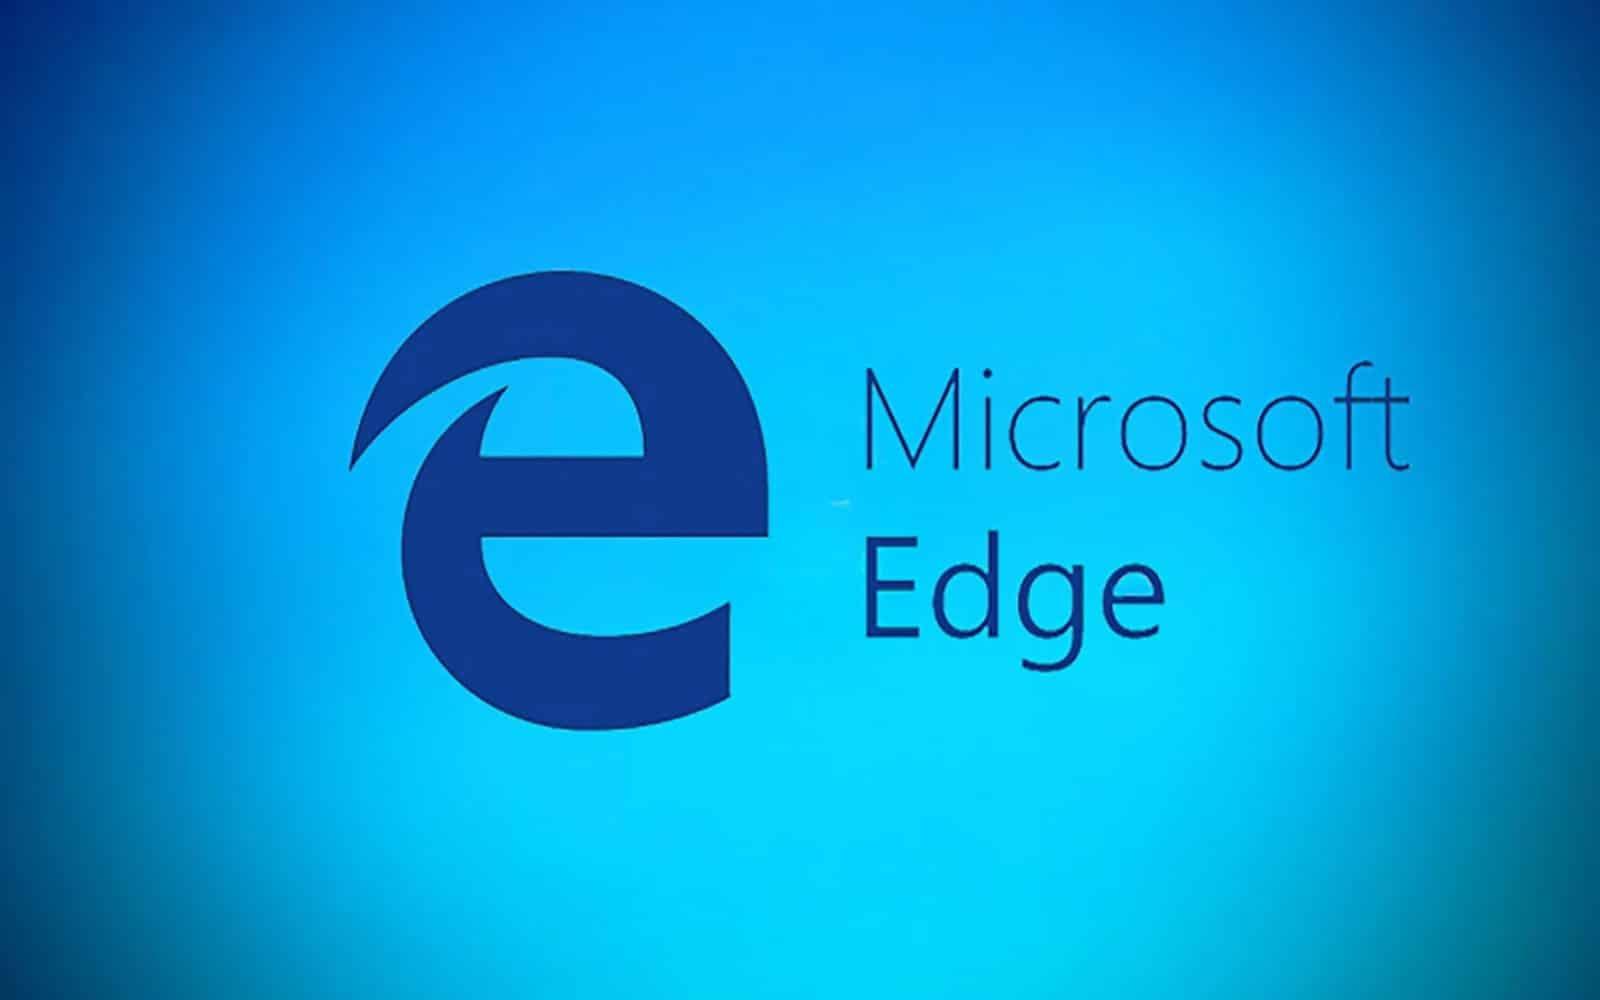 Новый Microsoft Edge теперь доступен для скачивания 1